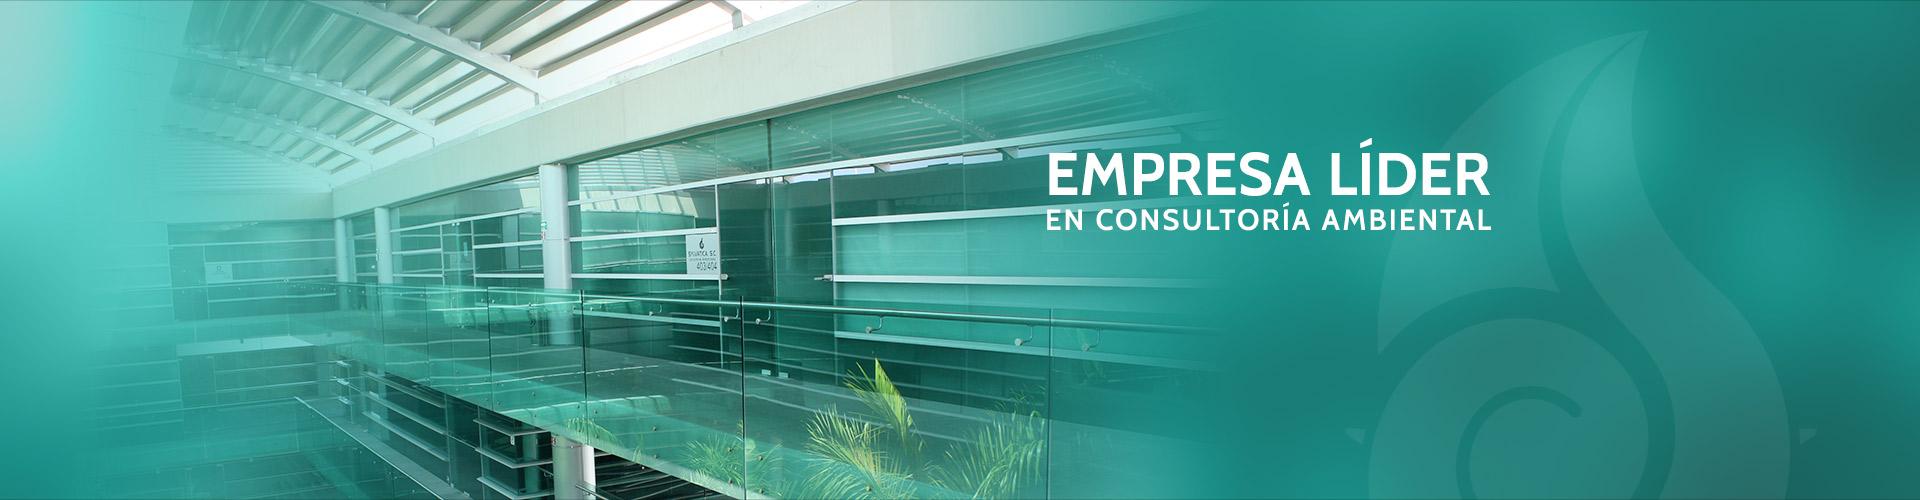 Empresa líder en consultoría ambiental.